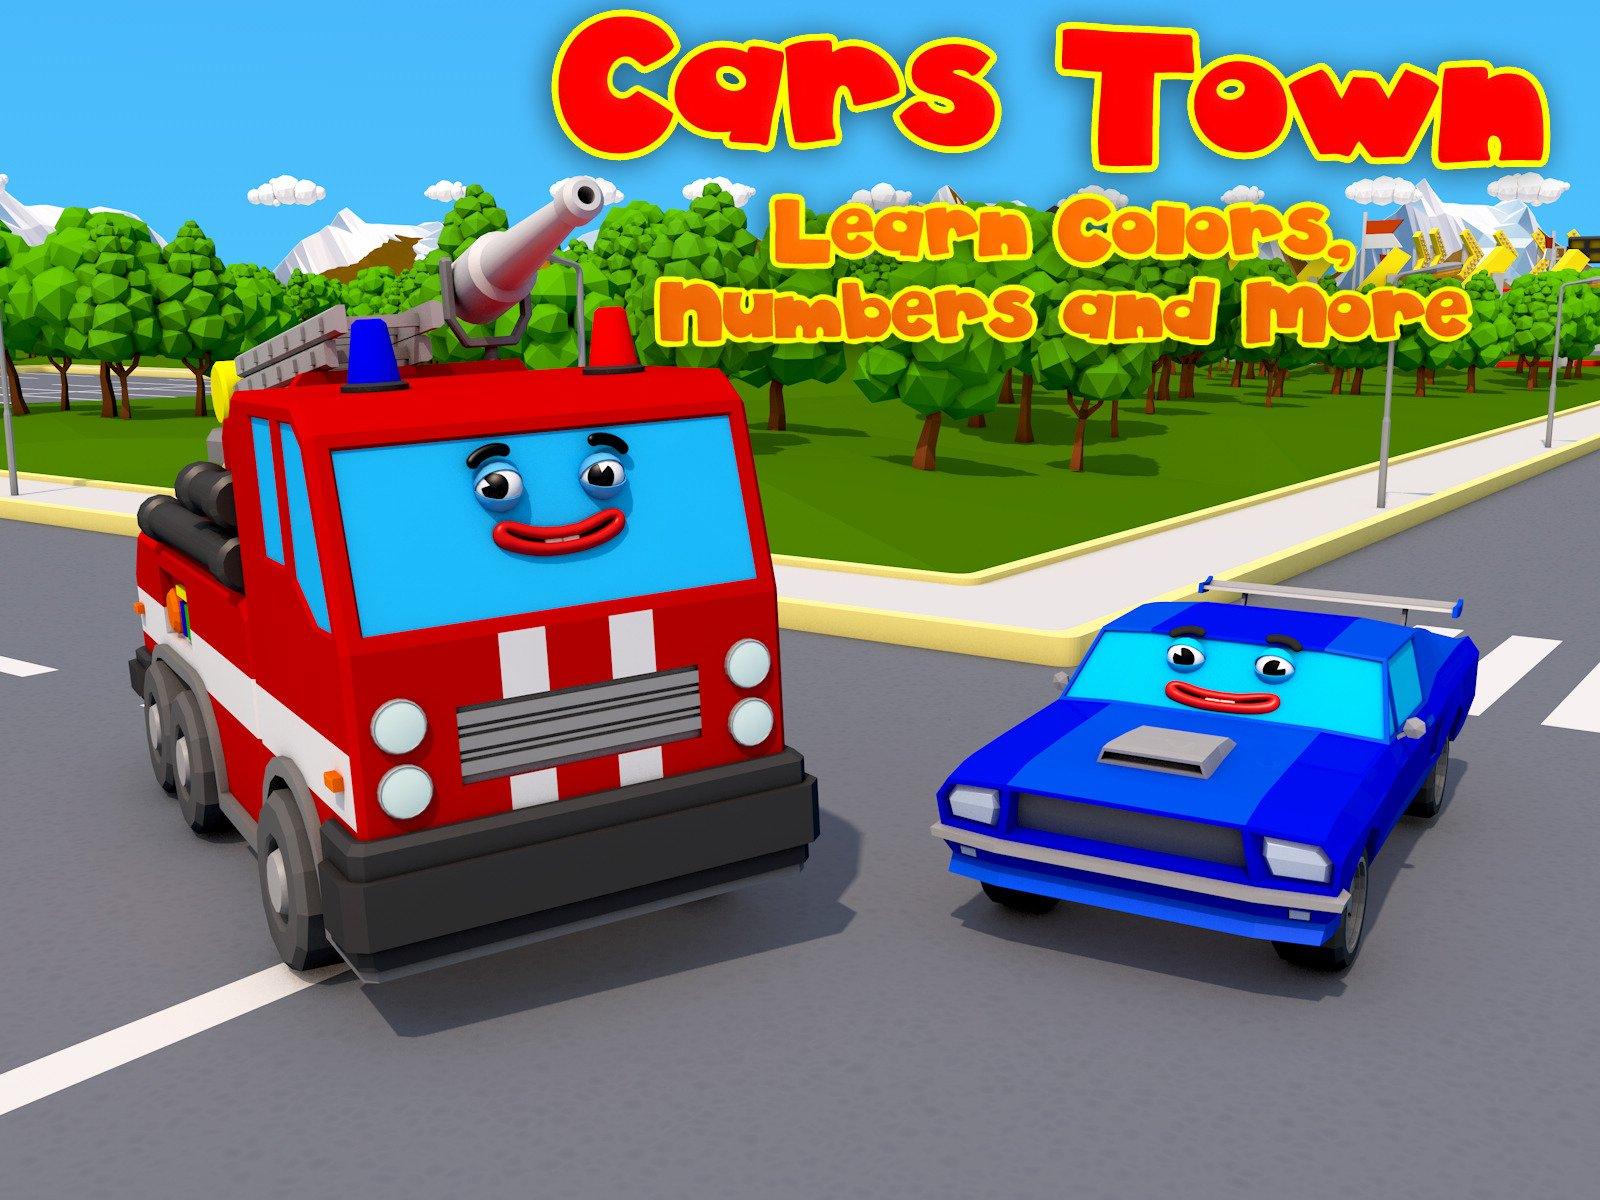 Cars Town - Season 4